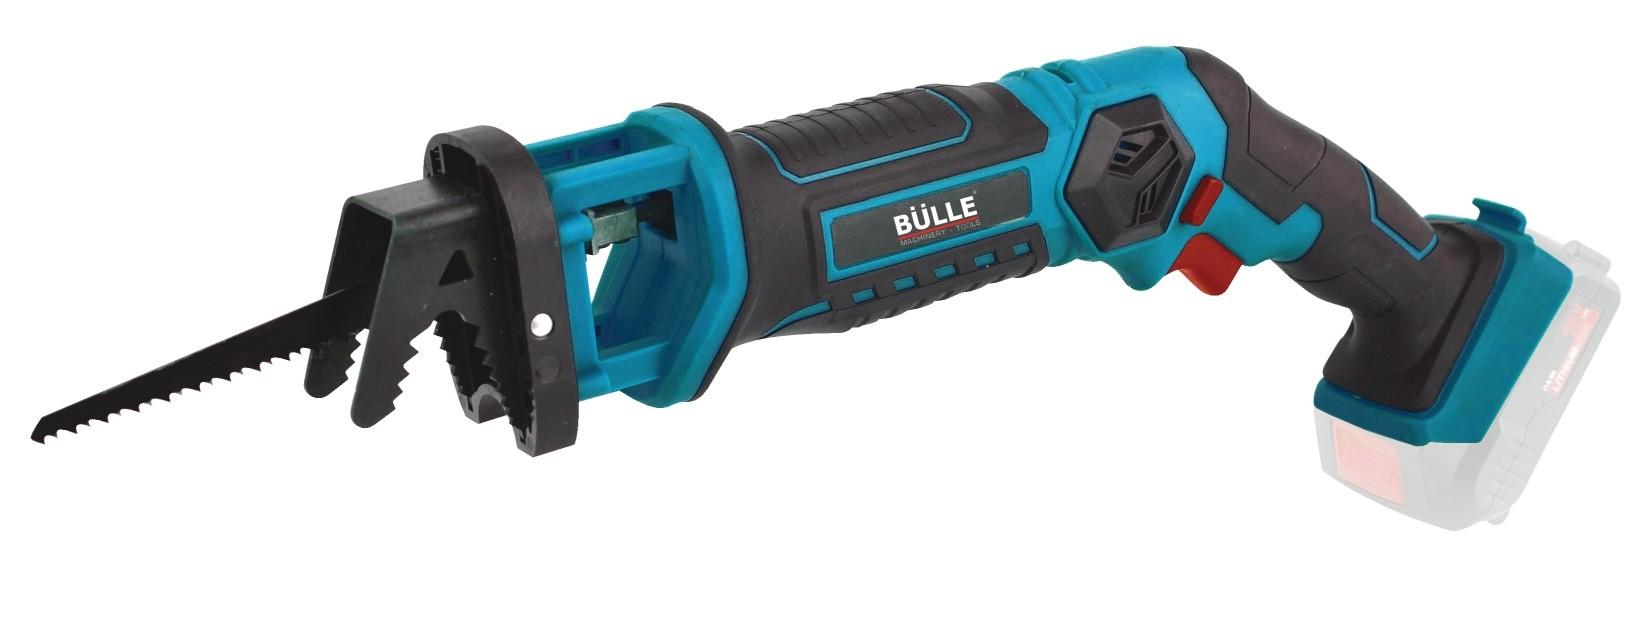 Σπαθοσέγα Bulle 18V 633020